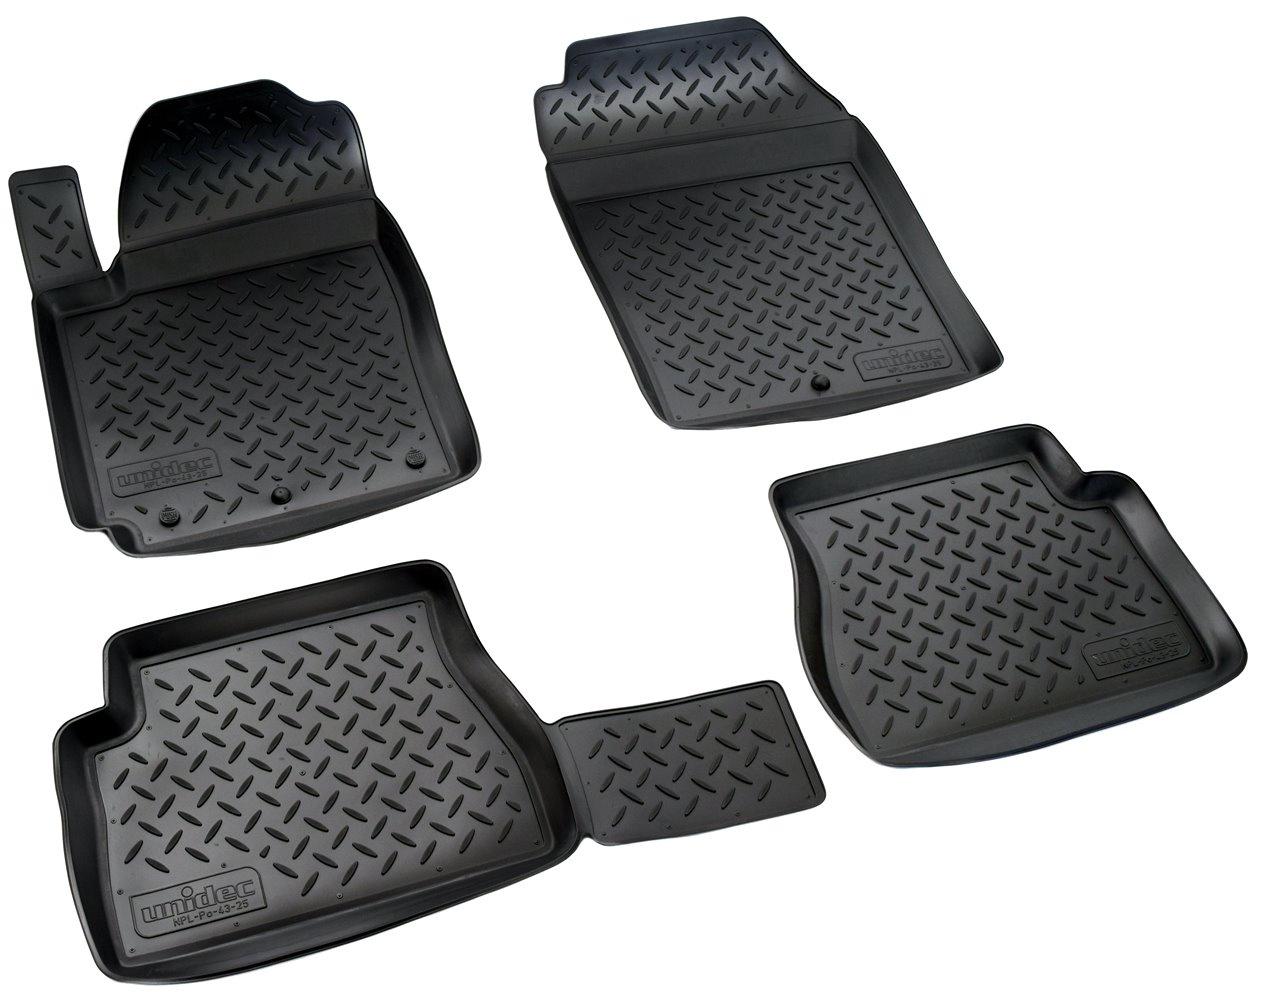 Коврики в салон автомобиля Norplast для Kia Picanto (BA) (2004-2011), NPL-Po-43-25, черный недорго, оригинальная цена